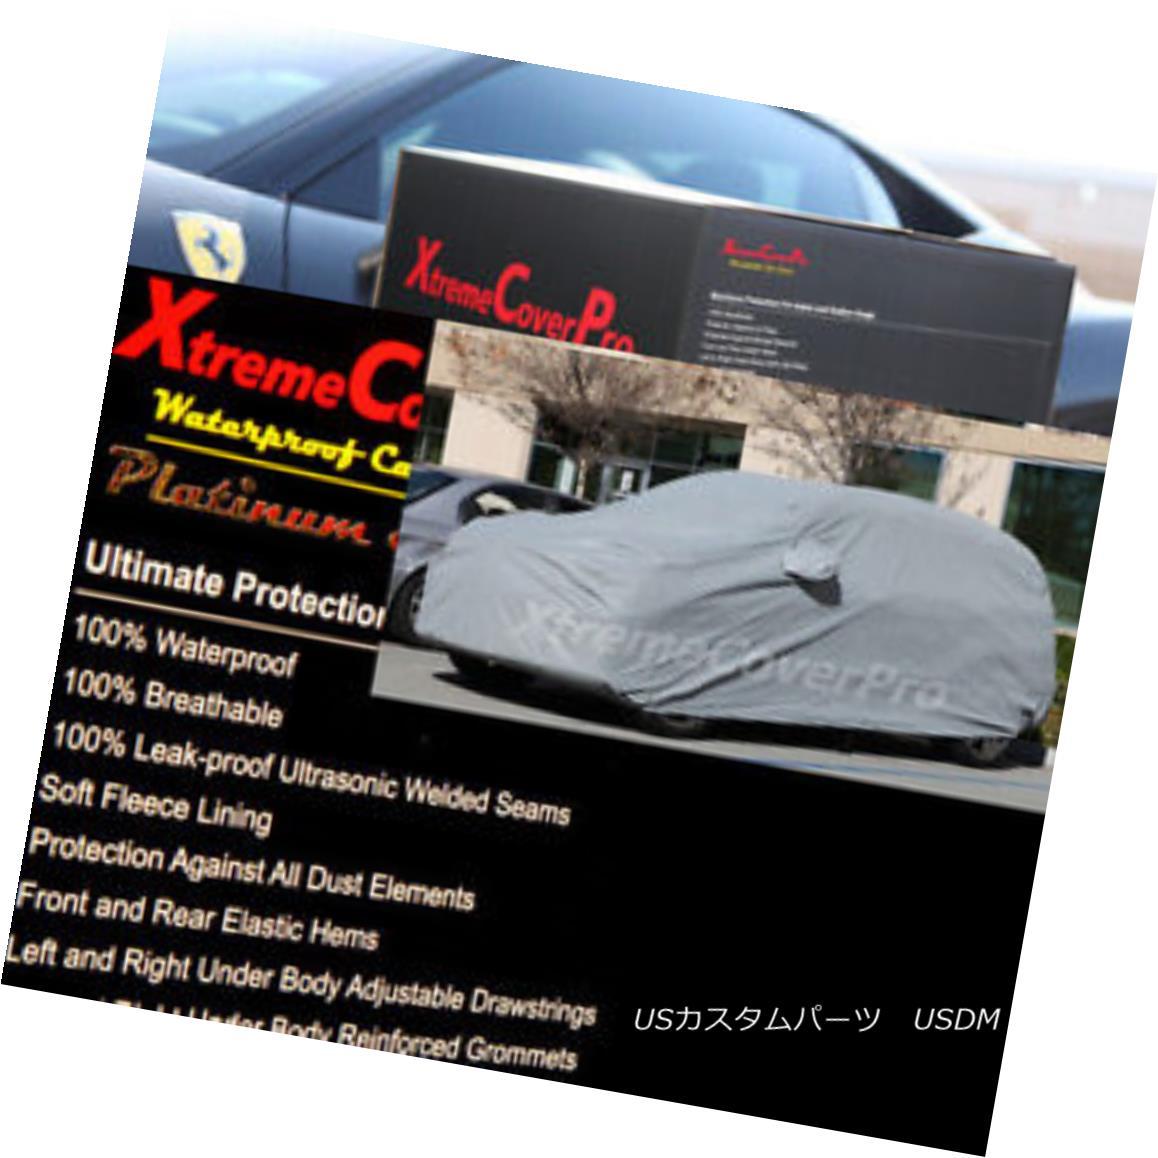 カーカバー 2007 2008 2009 2010 2011 2012 GMC Acadia Waterproof Car Cover w/MirrorPocket 2007年2008年2009年2010年2011年2012年GMC Acadia防水カーカバー付きMirrorPocket